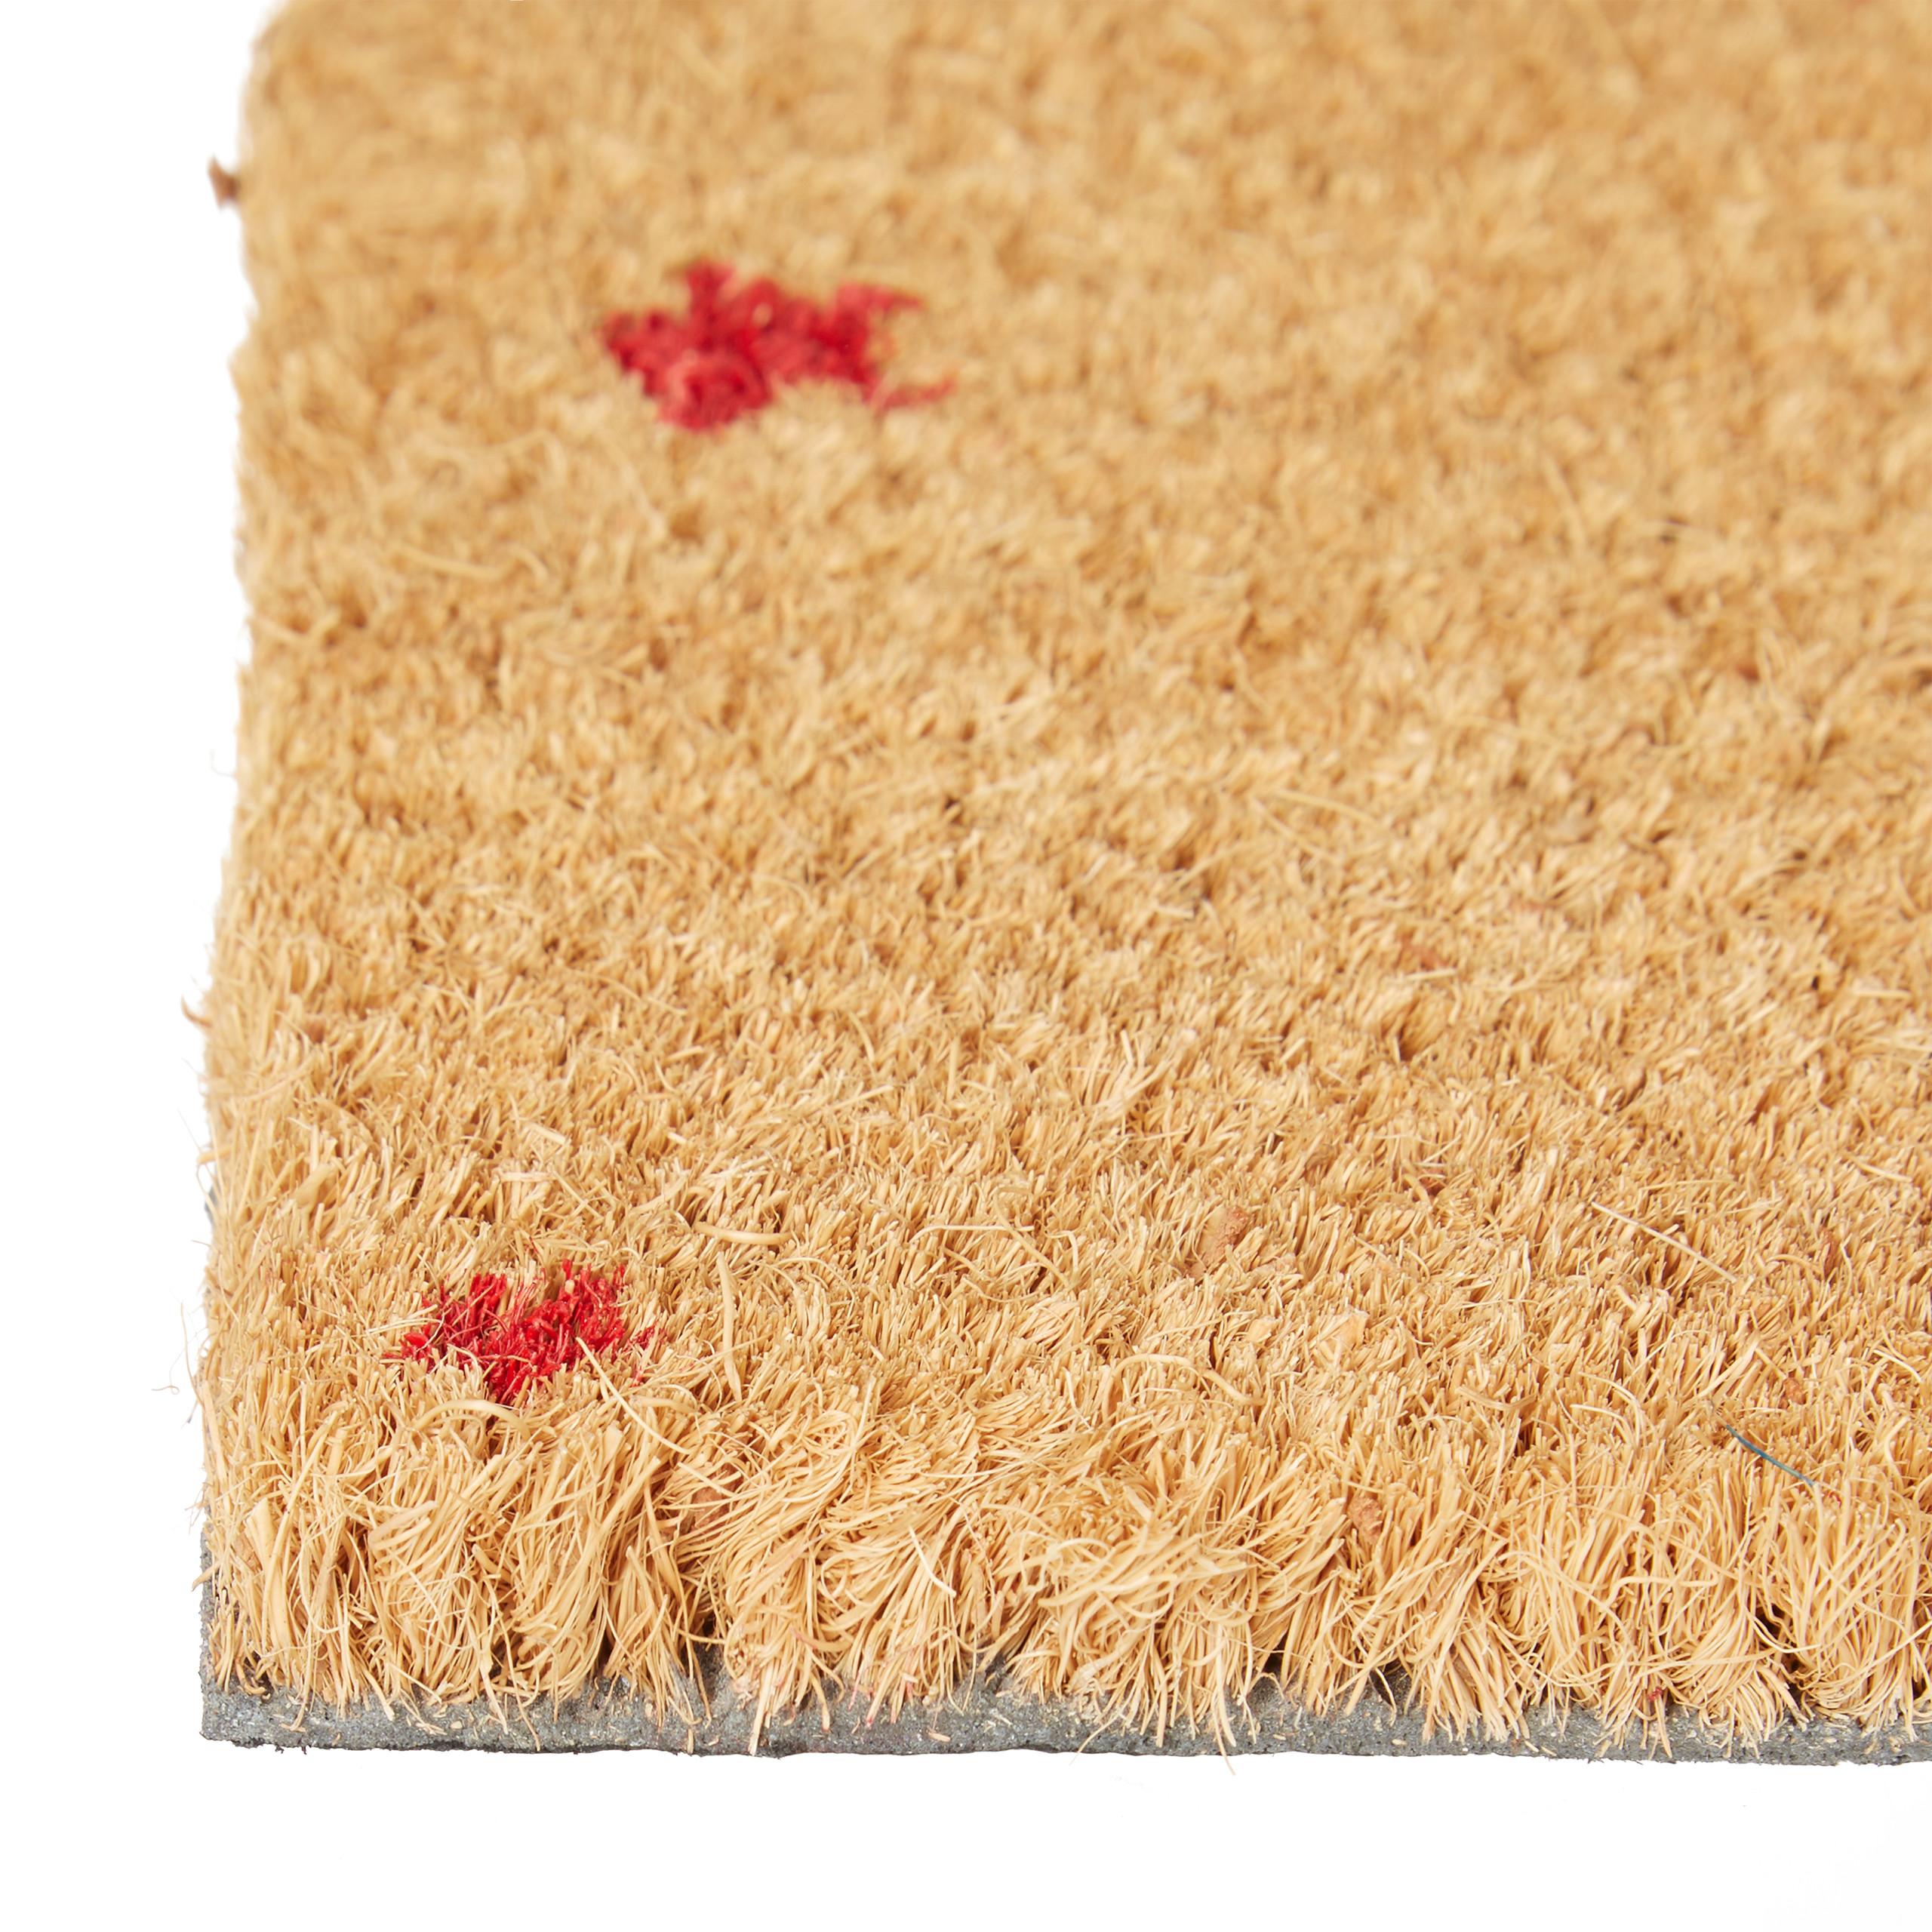 Indexbild 11 - Fußmatte Kokos Kokosmatte 60x40 STERNE Fußabtreter Schmutzmatte Türmatte natur